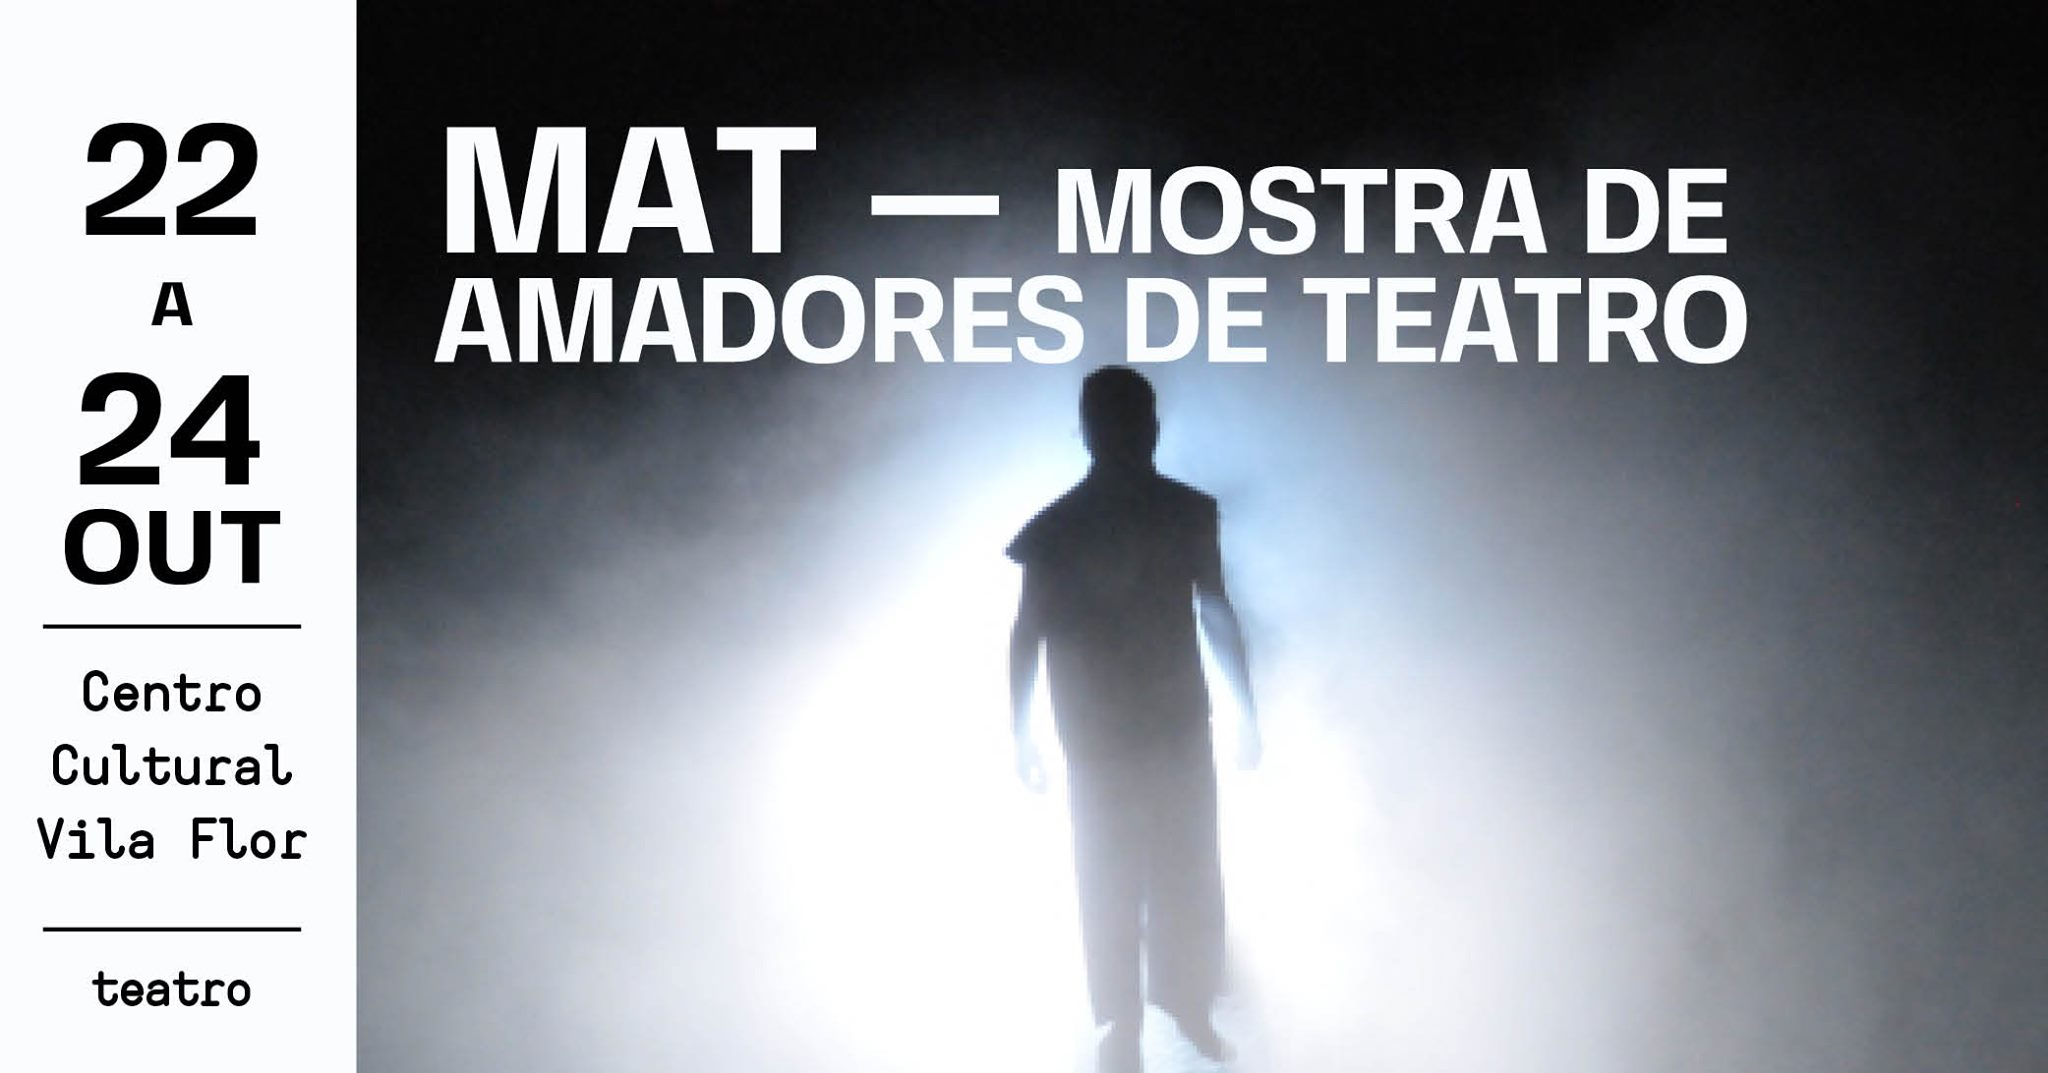 MAT - Mostra de Amadores de Teatro